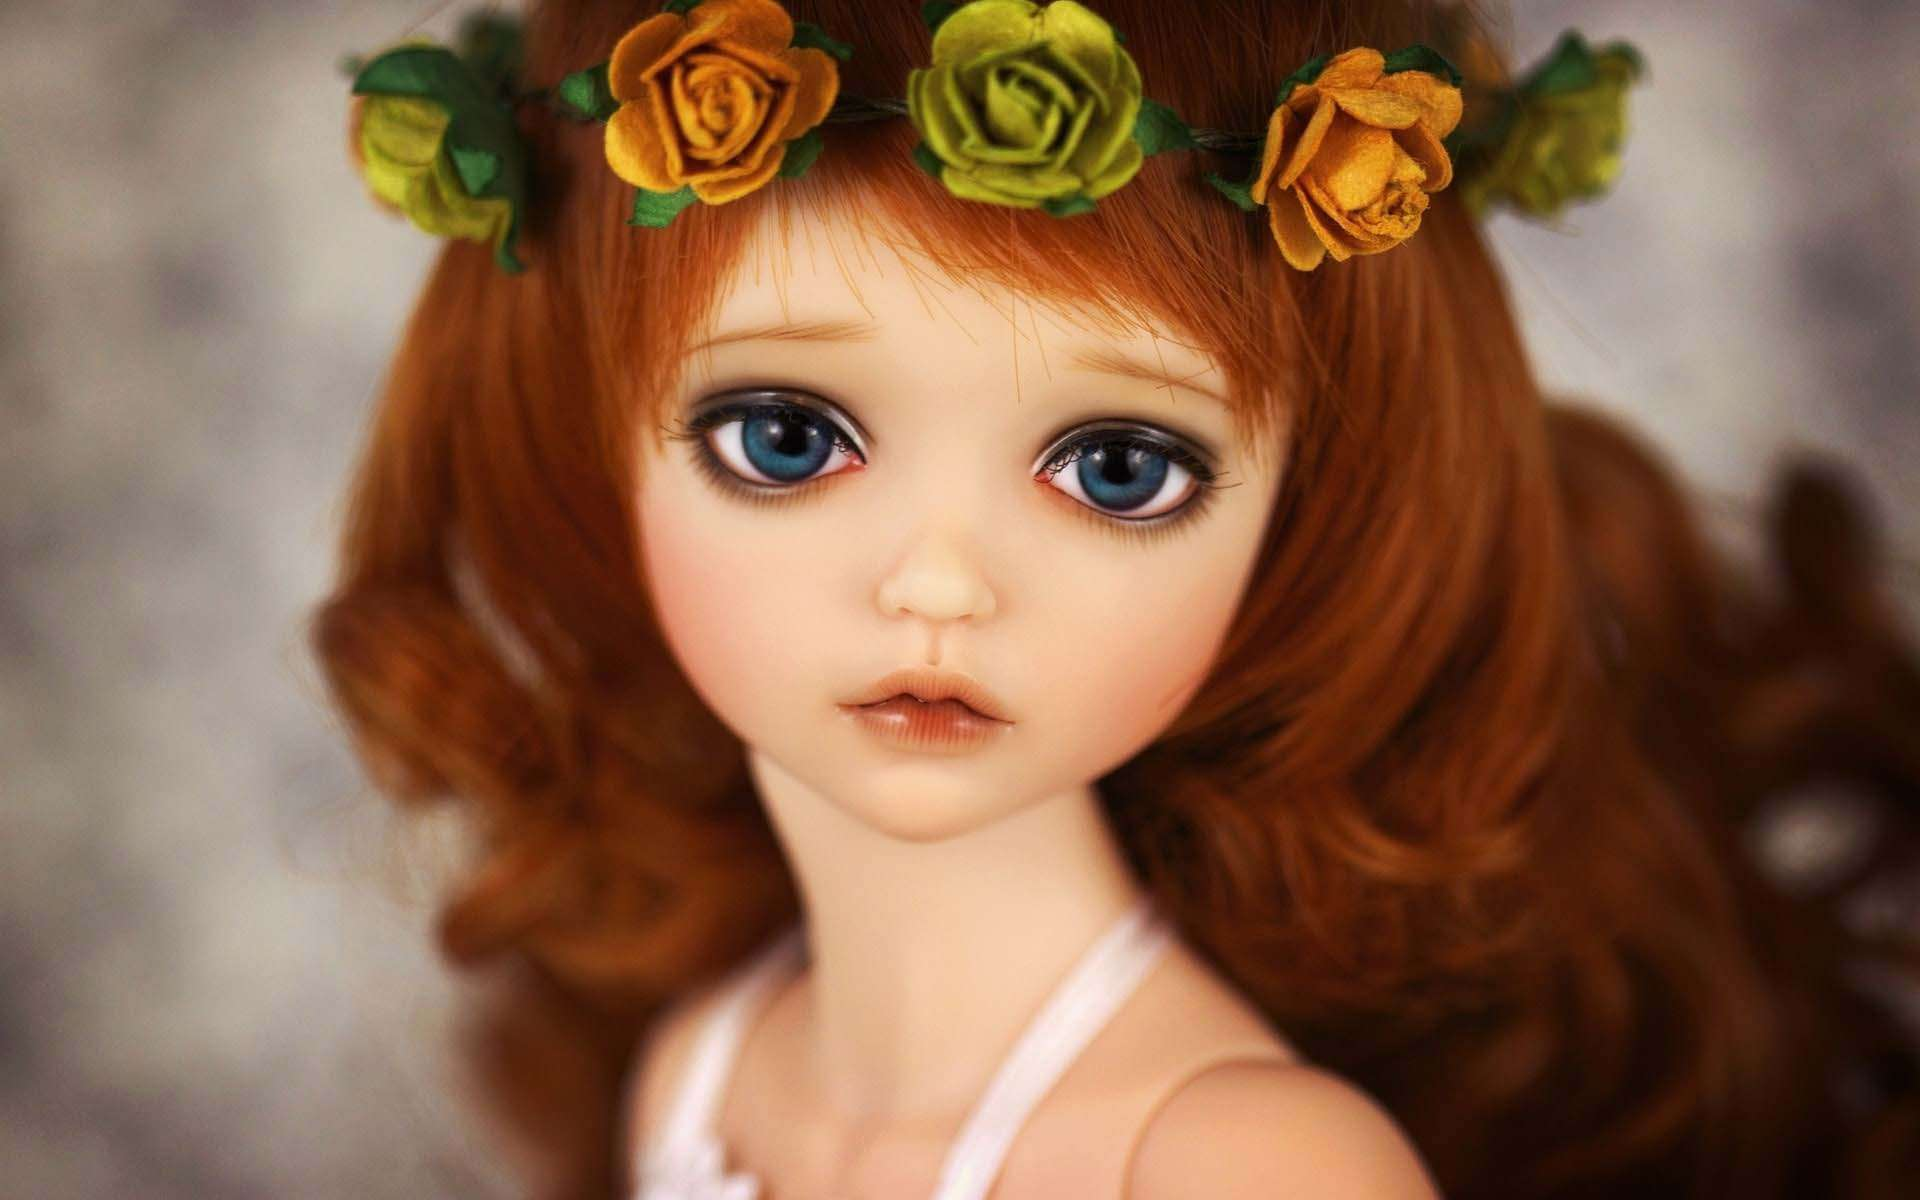 Cute Barbie Doll Wallpapers For Mobile Free Desktop Barbie Wallpaper Pixelstalk Net